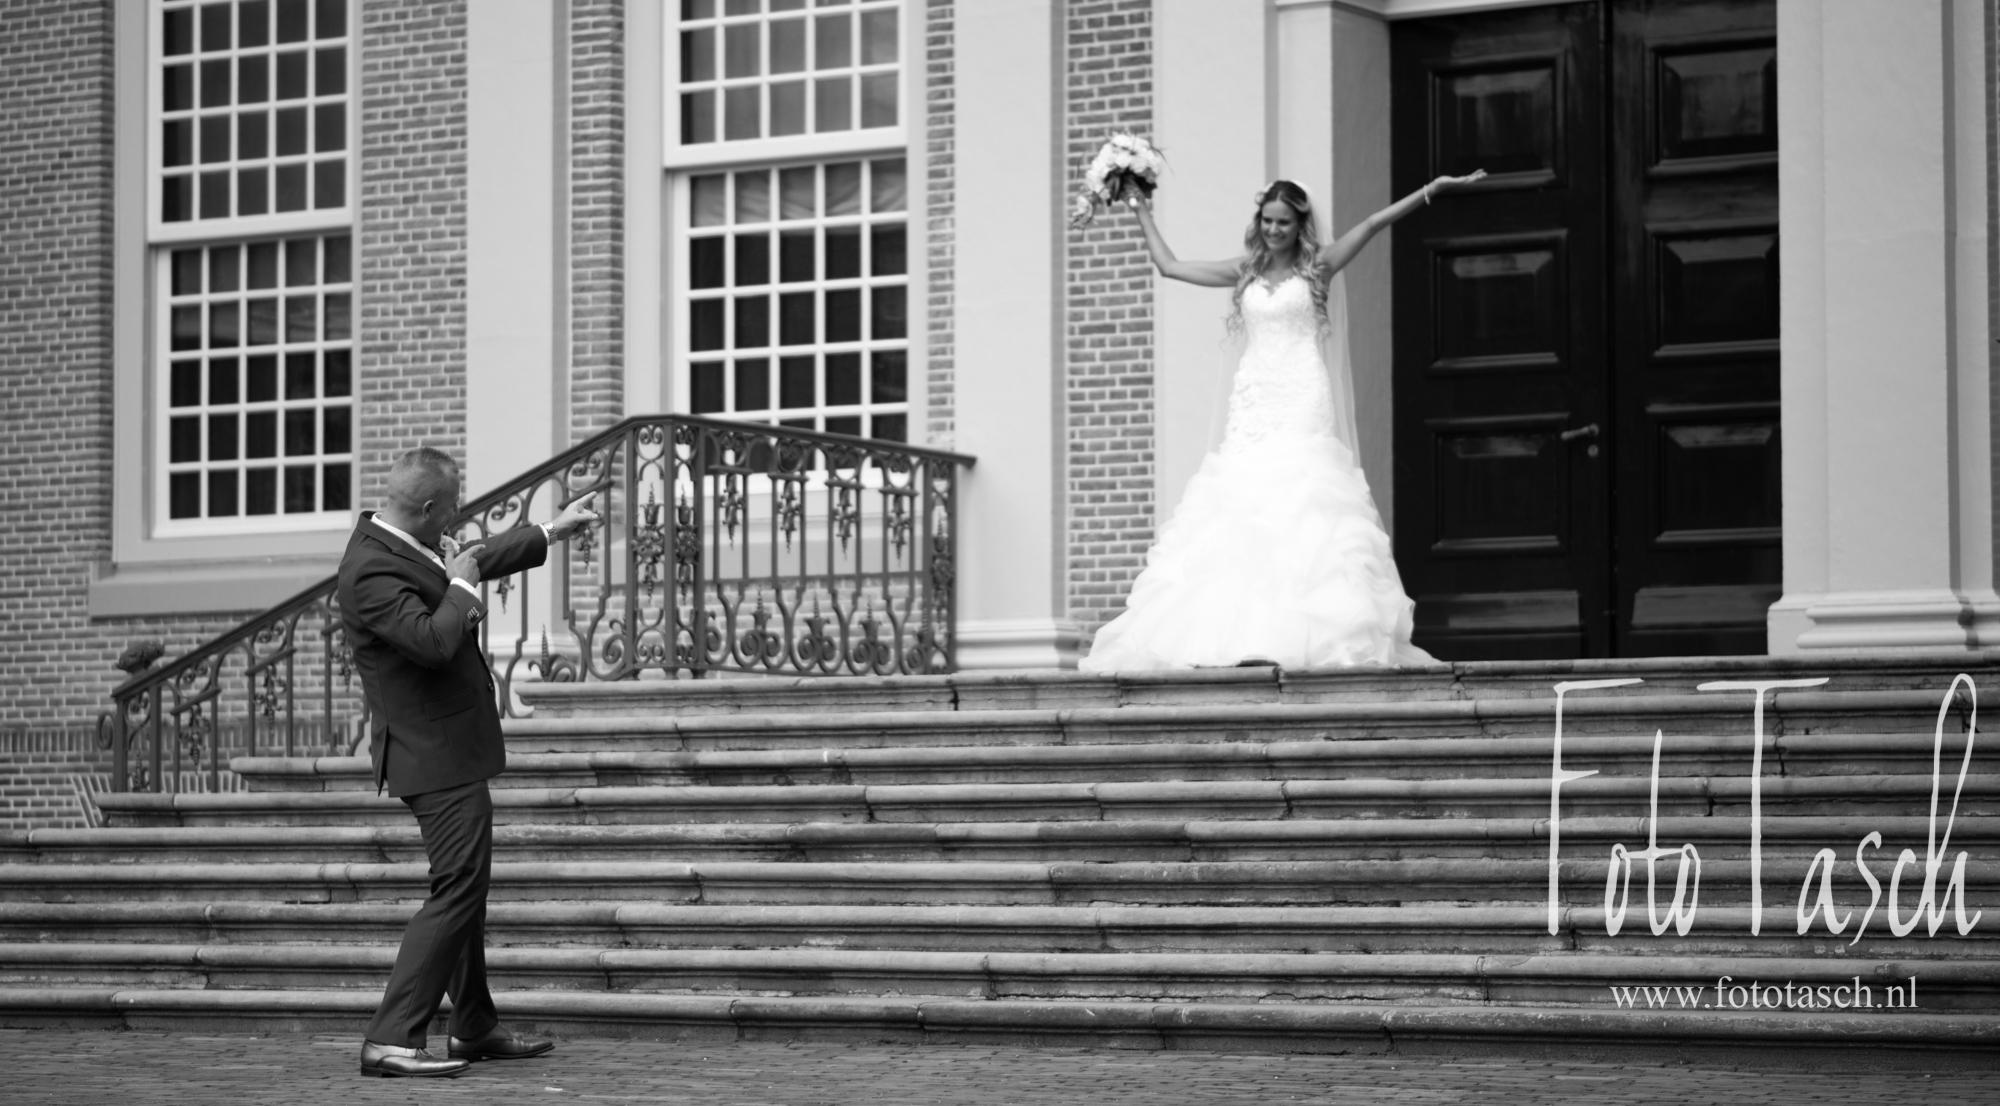 bruidspaar-bar-webbestanden-fototasch-251